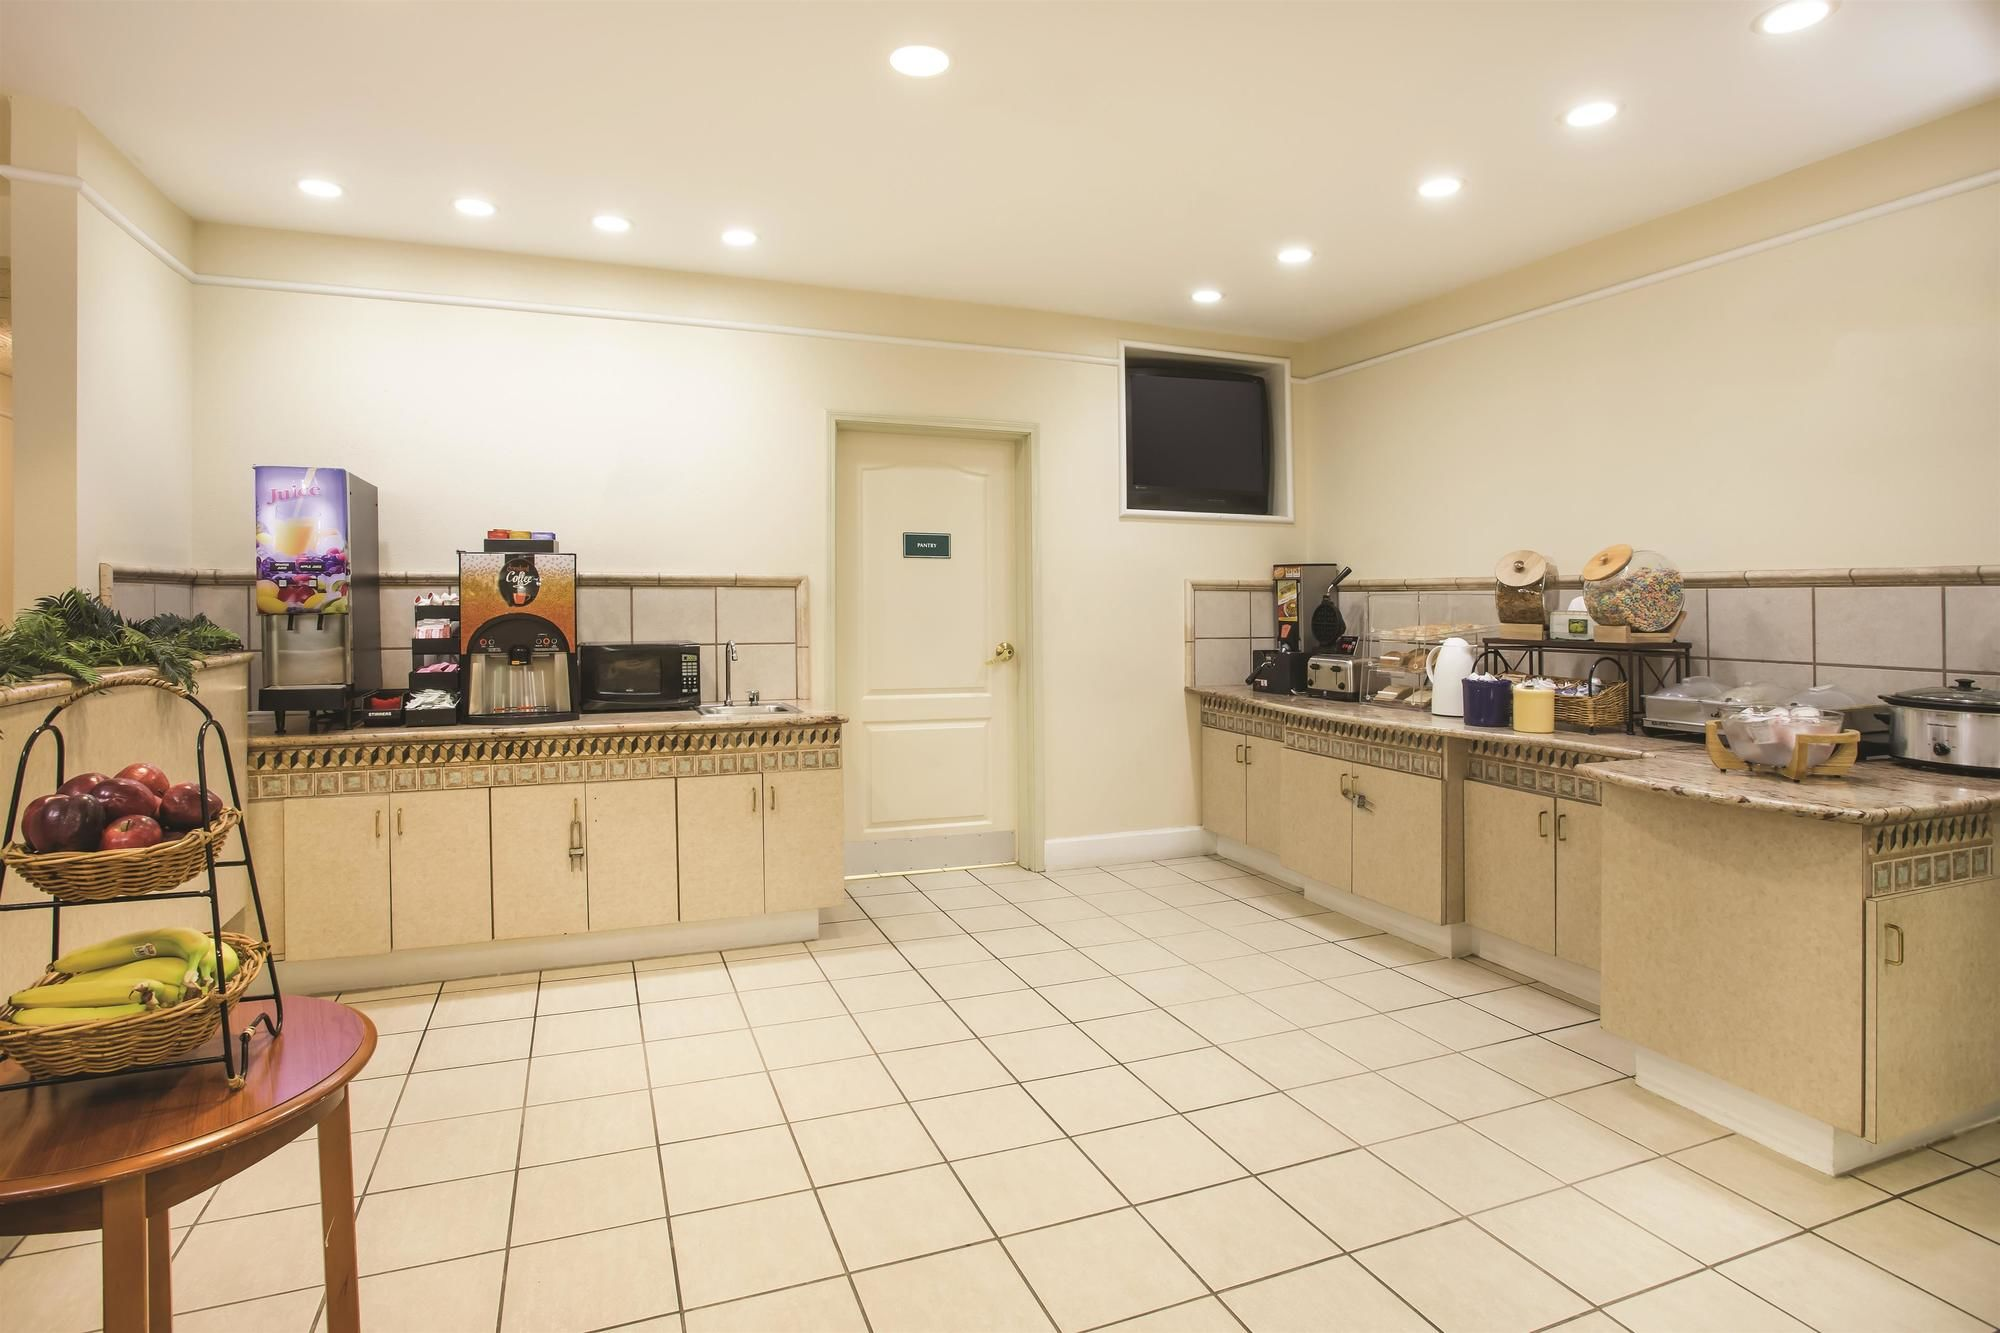 La Quinta Inn and Suites Atlanta-Stockbridge